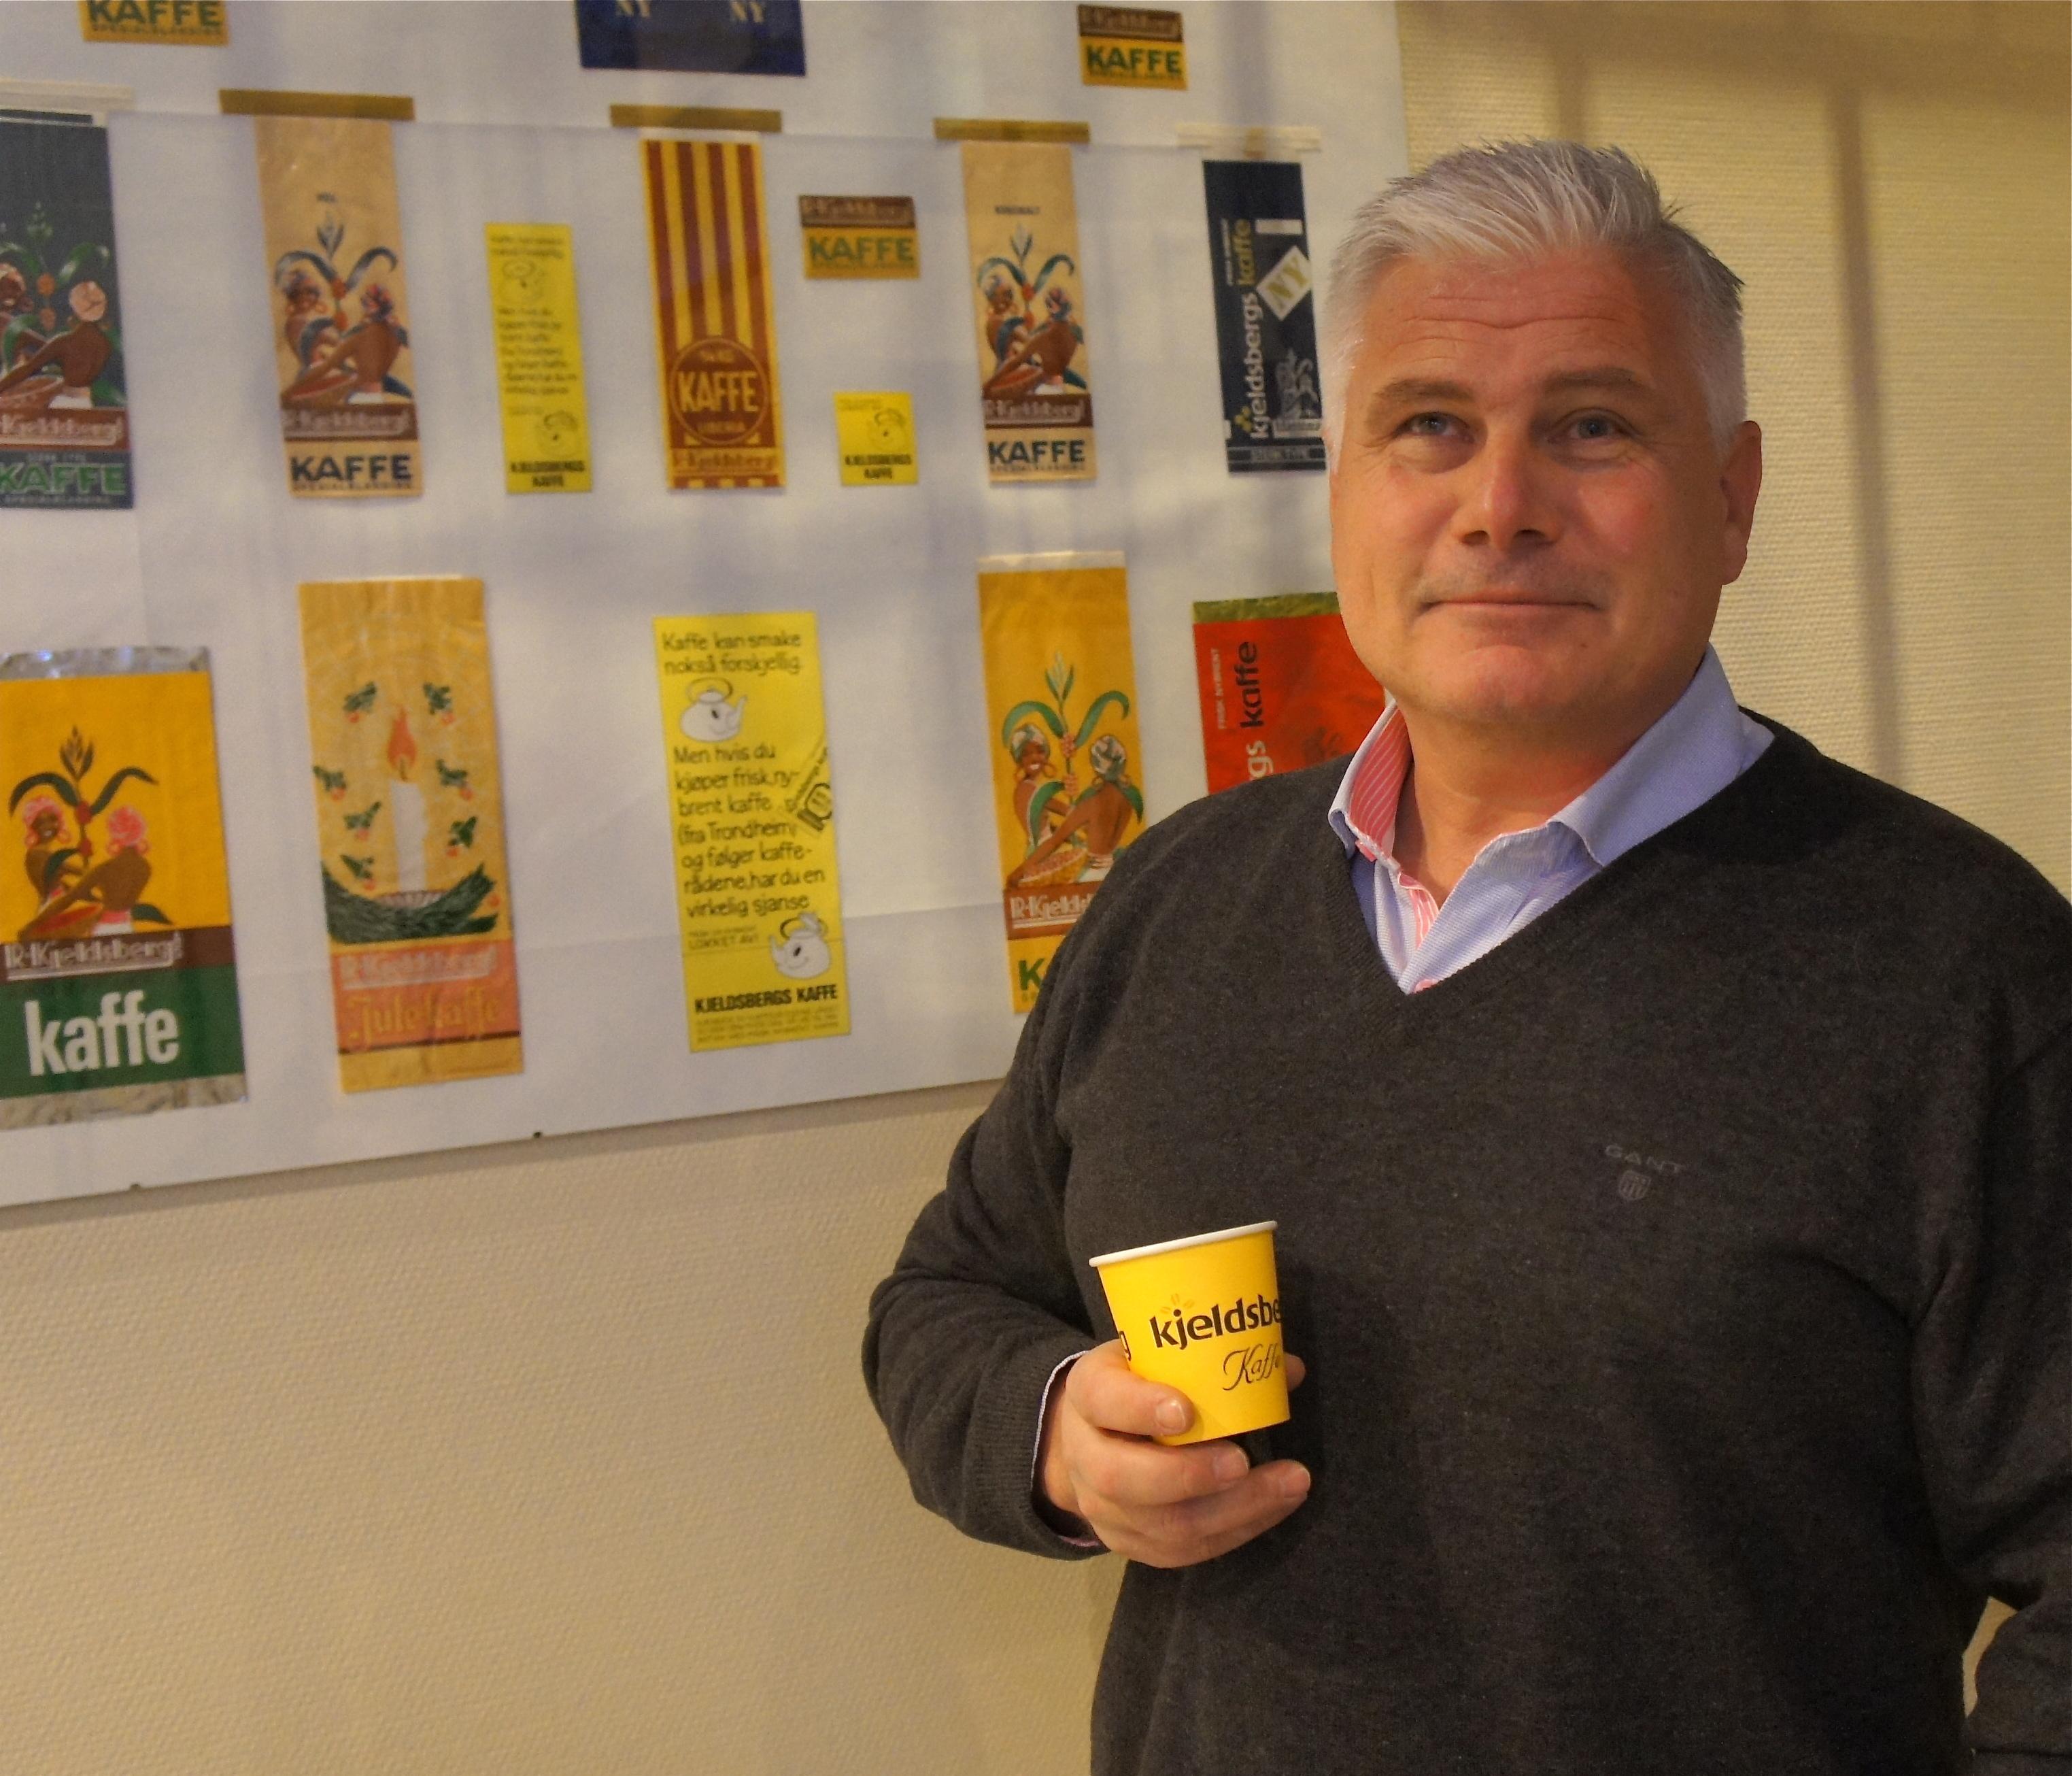 VIL BLI KAFFEKONGE. Administrerende direktør i Kjeldsberg Kaffebrenneri, Odd Strand troppet på som sjef ved det tradisjonsrike brenneriet i 2009.